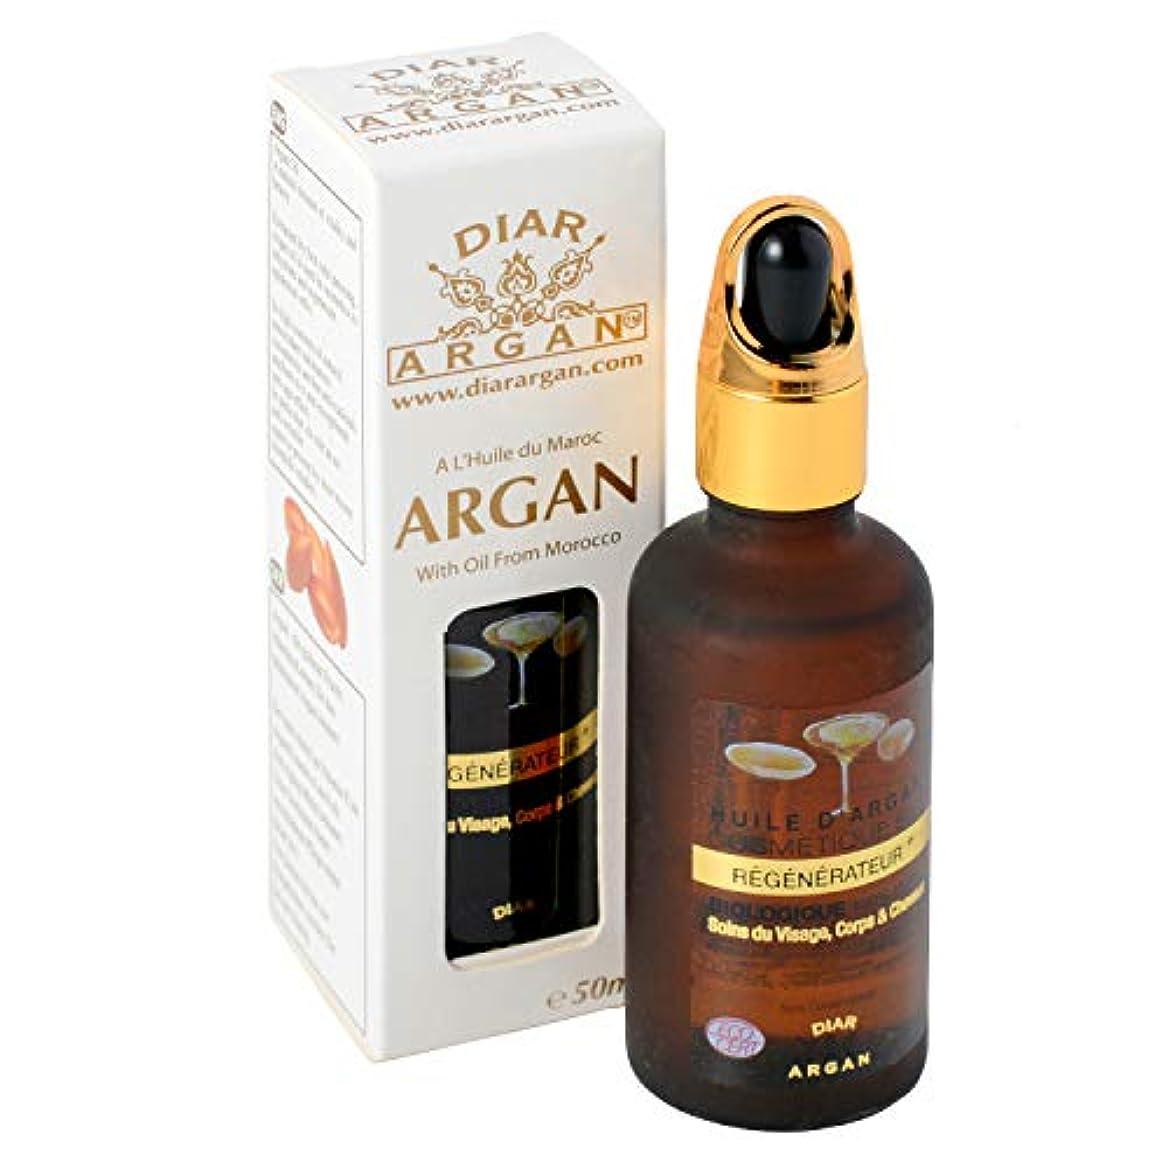 ニュージーランド比較的迷彩アマゾン限定 Diar Argan オーガニック?アルガンオイル50ml エコサート認定